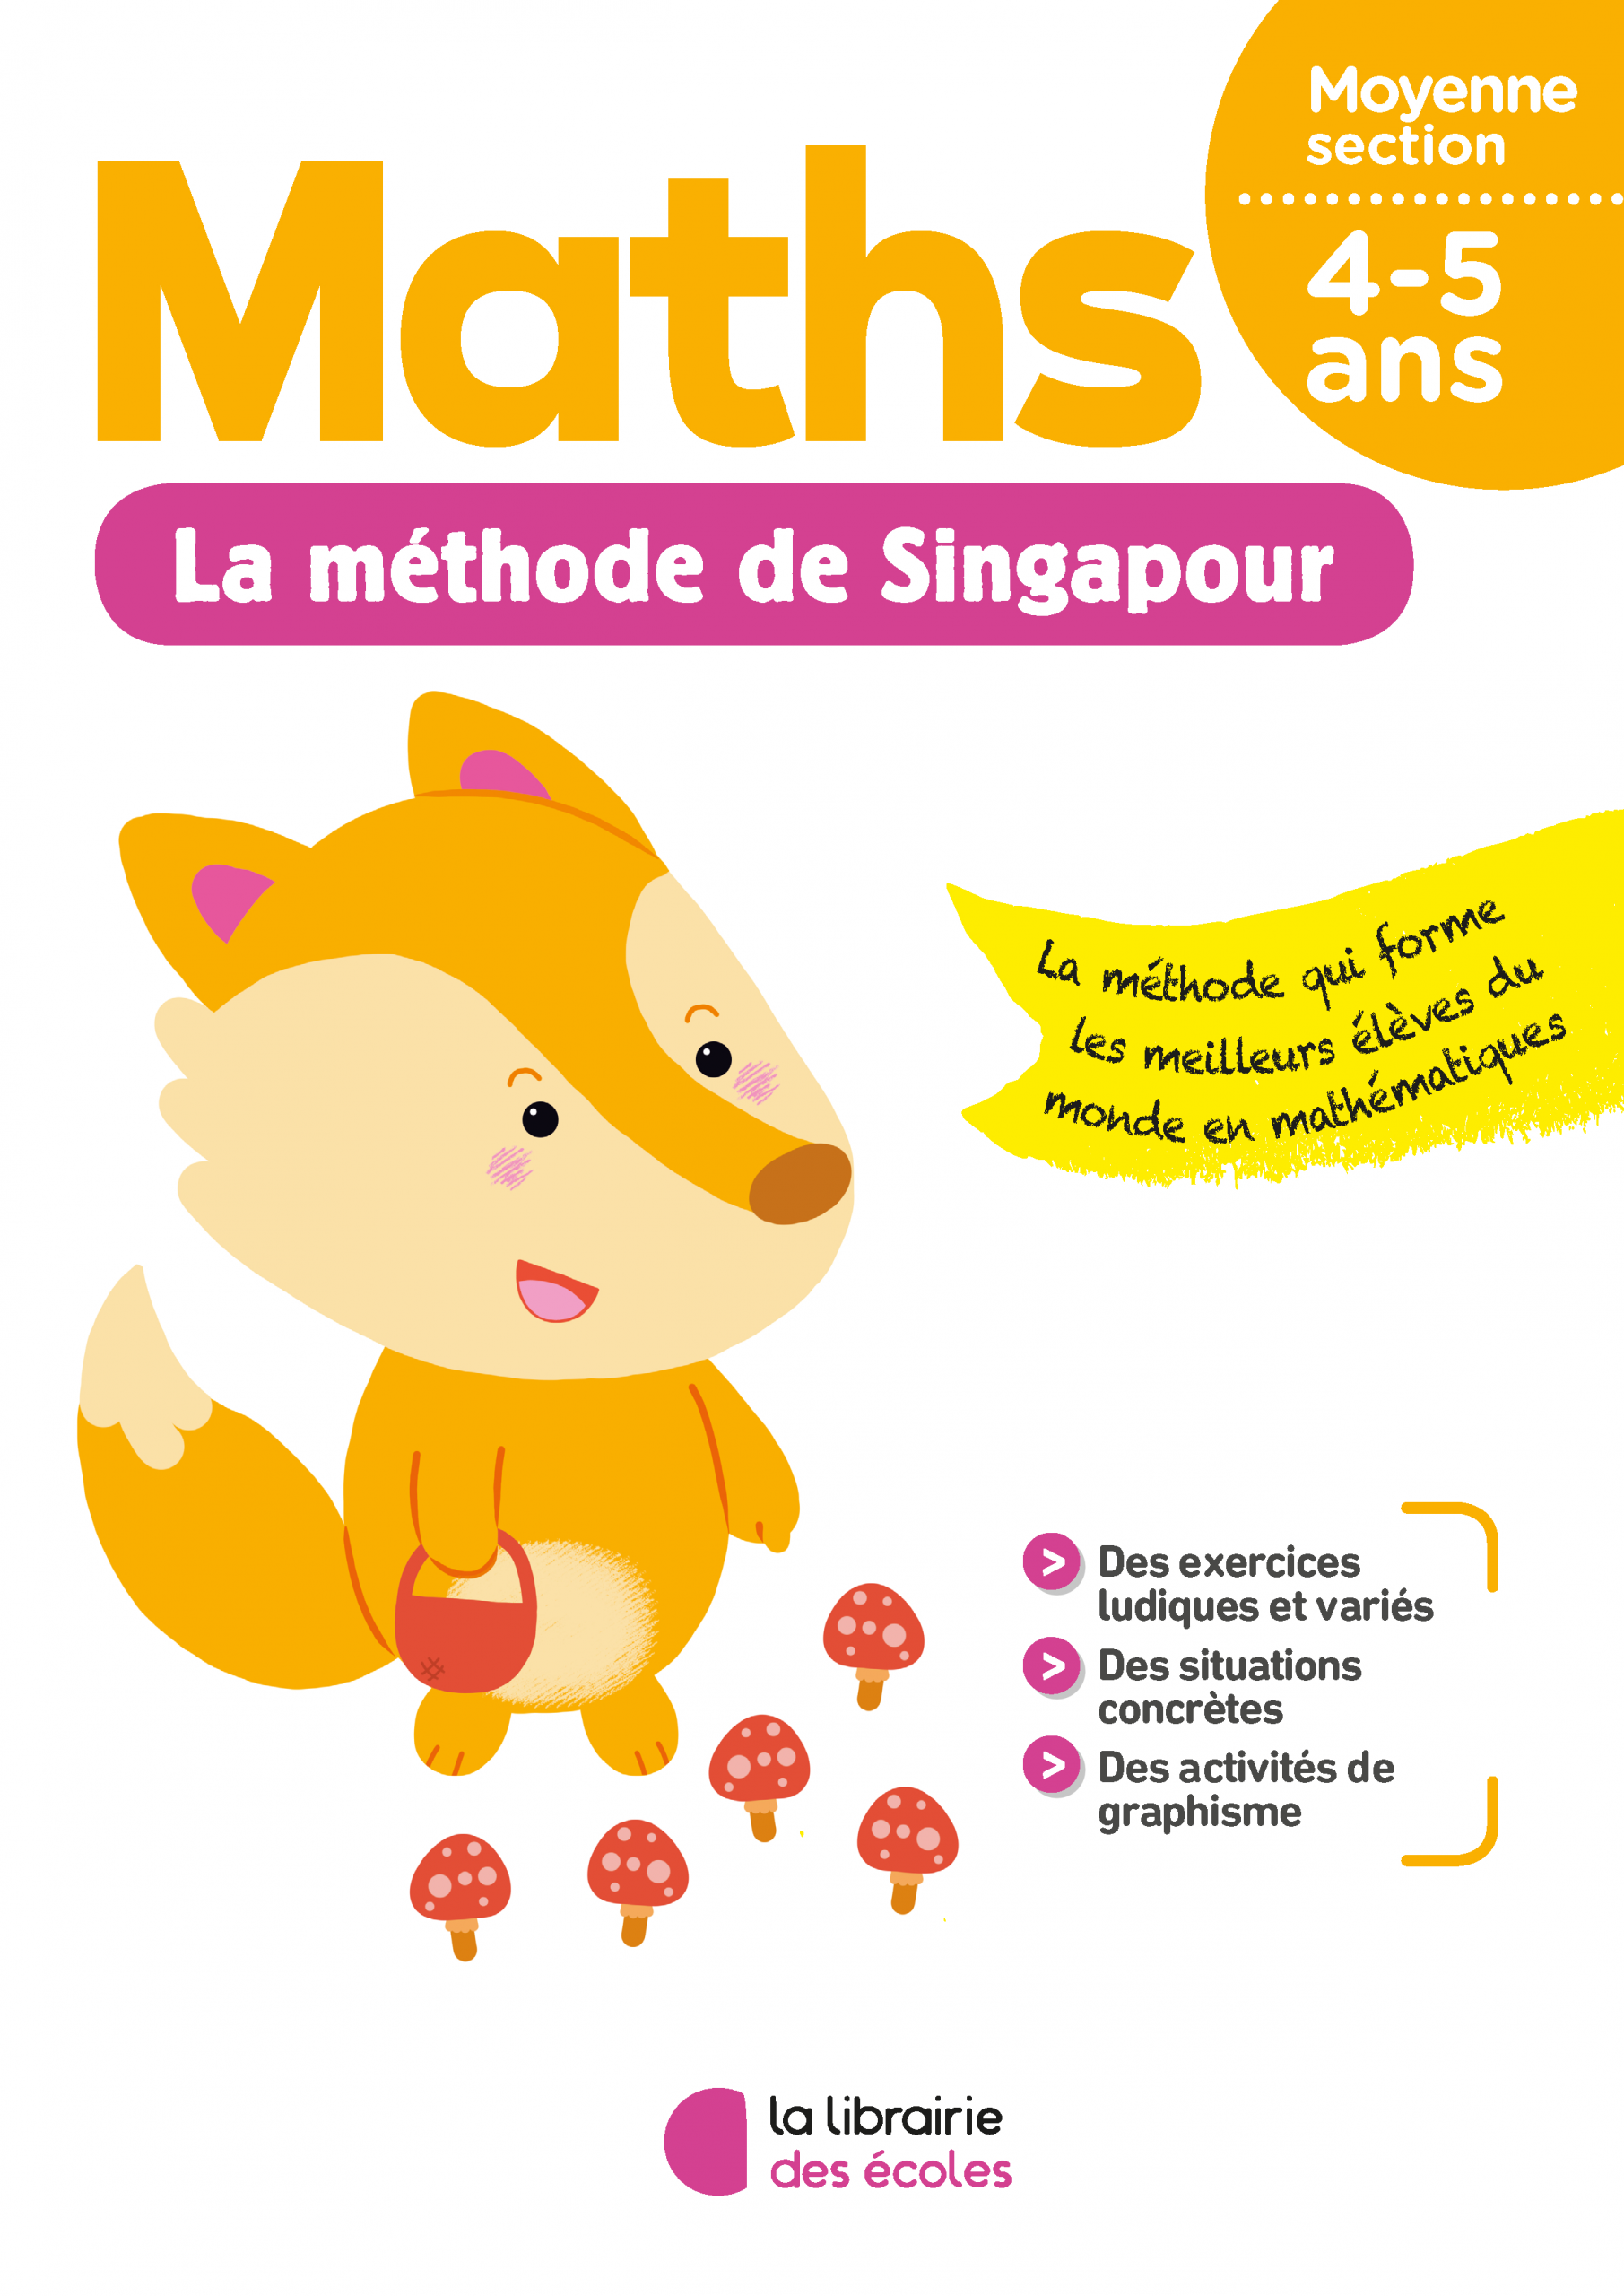 La Méthode De Singapour - Moyenne Section - Pour La Maison avec Moyen Section Maternelle Exercice